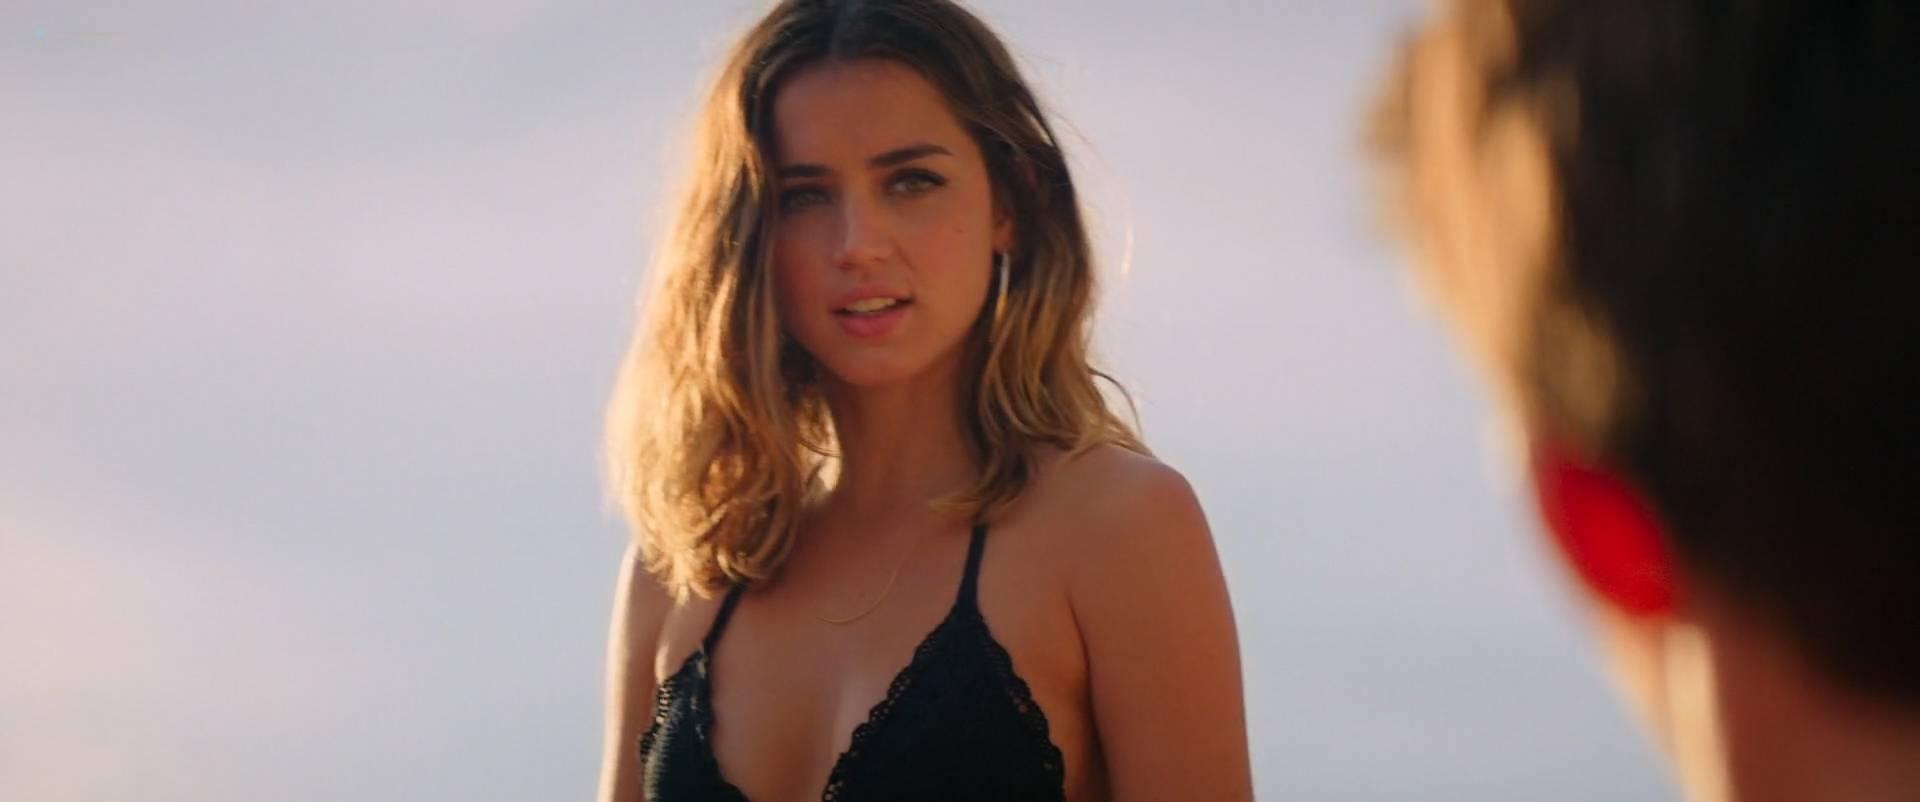 Ana-de-Armas-hot-bikini-Gaia-Weiss-hot-sex-Overdrive-2017-HD-1080p-WEB-5.jpg